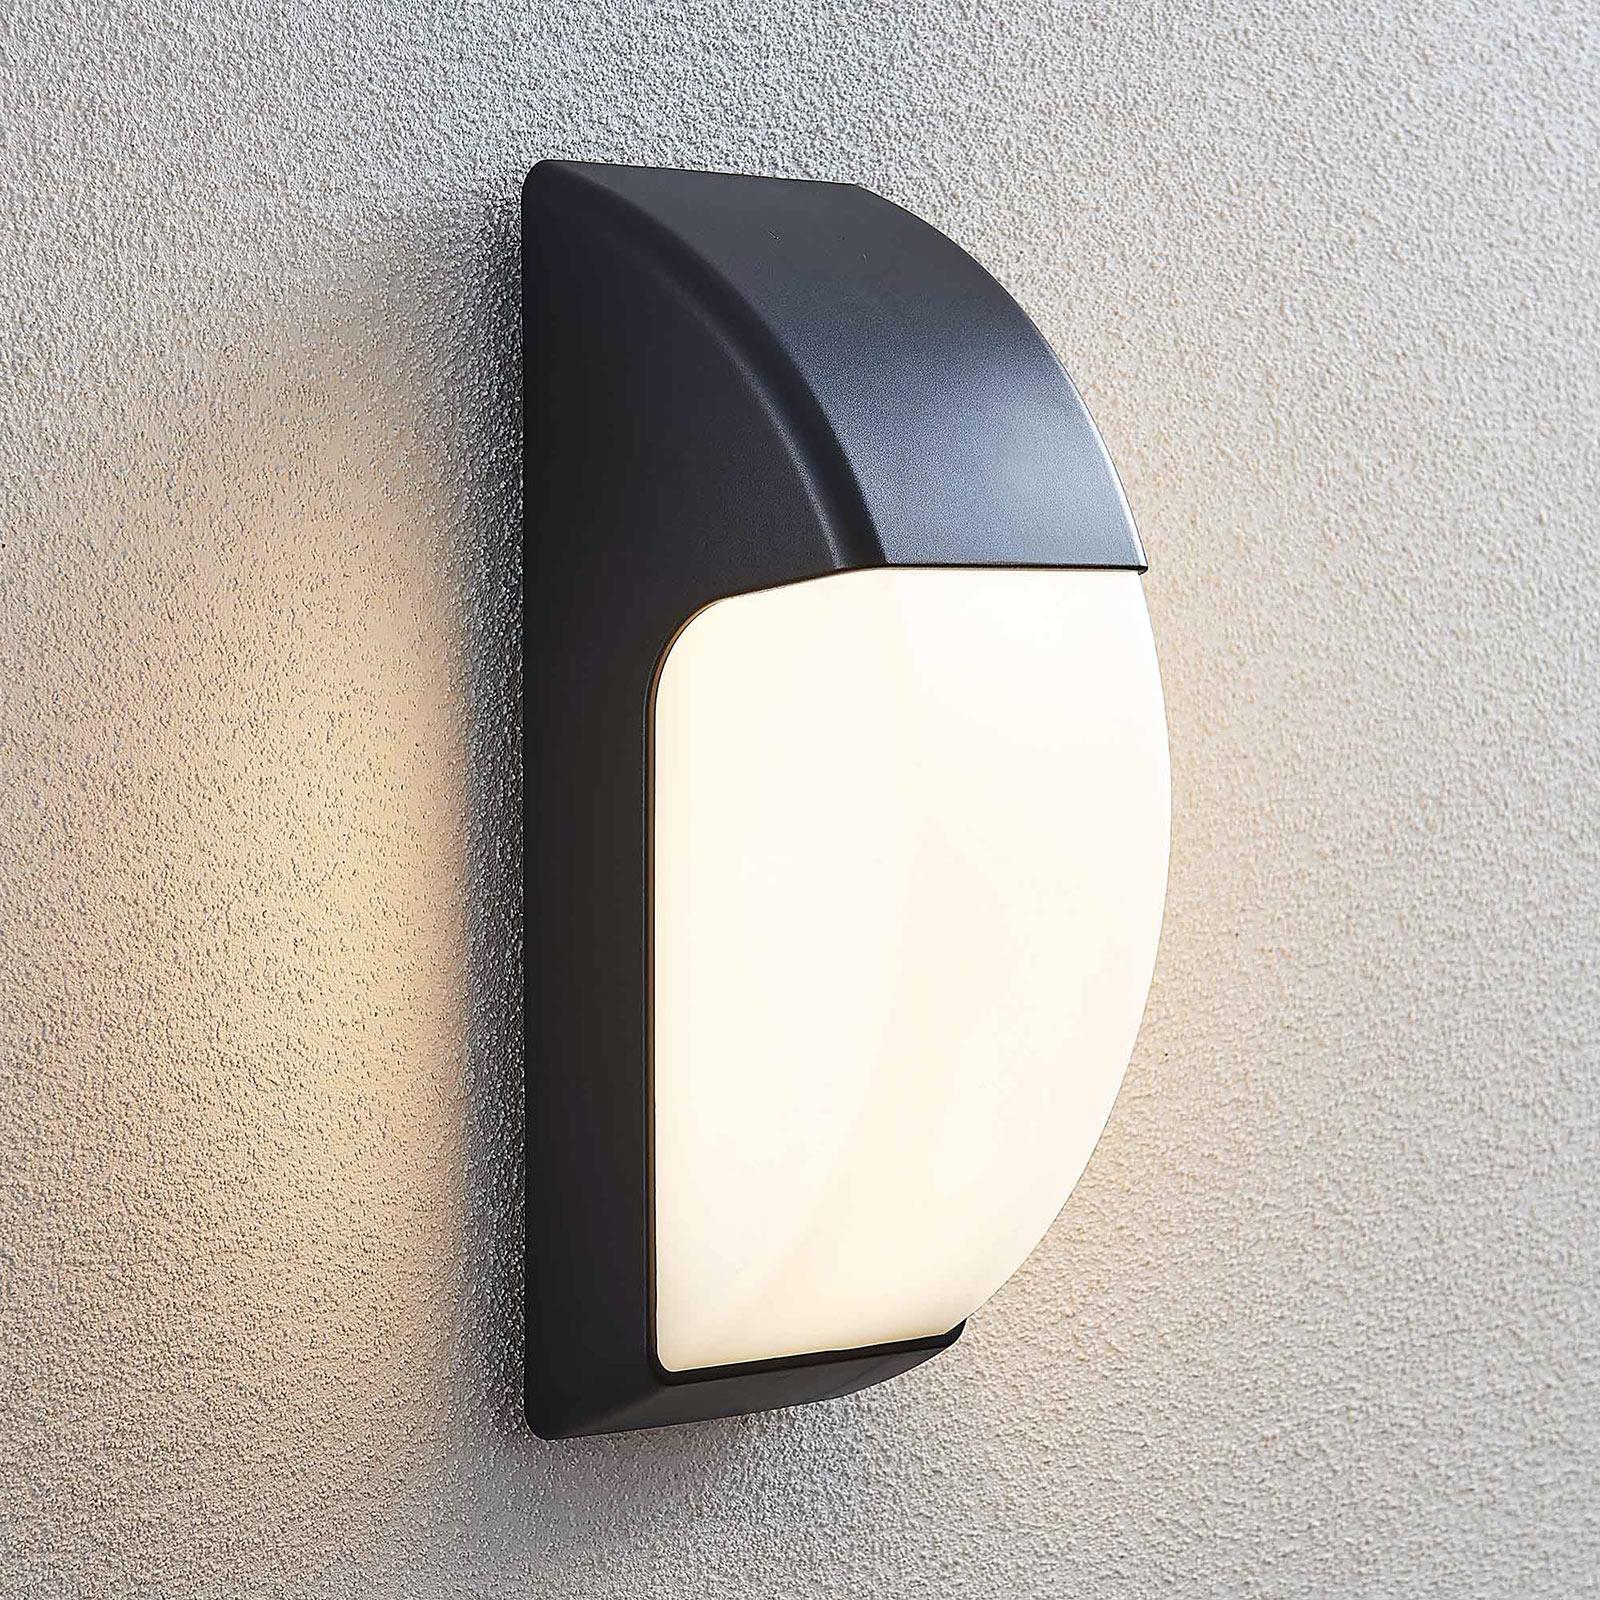 Utendørs LED-vegglampe Alecia, IP65, mørkegrå